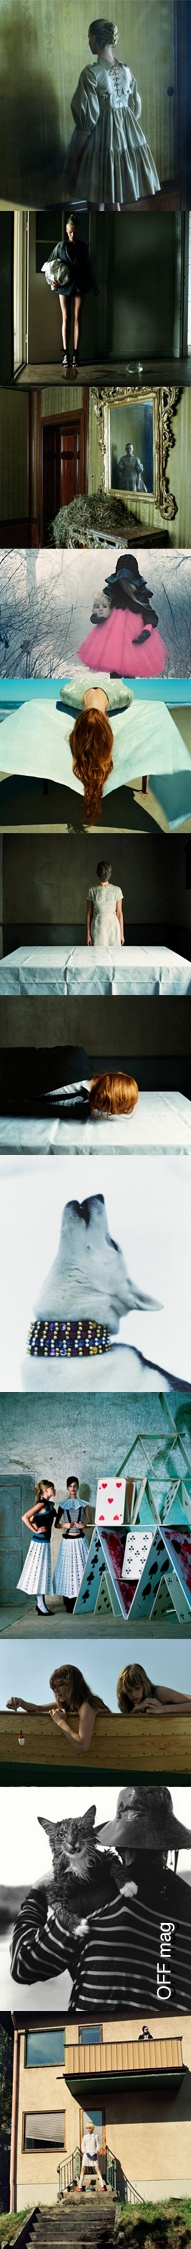 Denise Grünstein __________ http://offmag.blogspot.com.es/2012/04/denise-grunstein.html